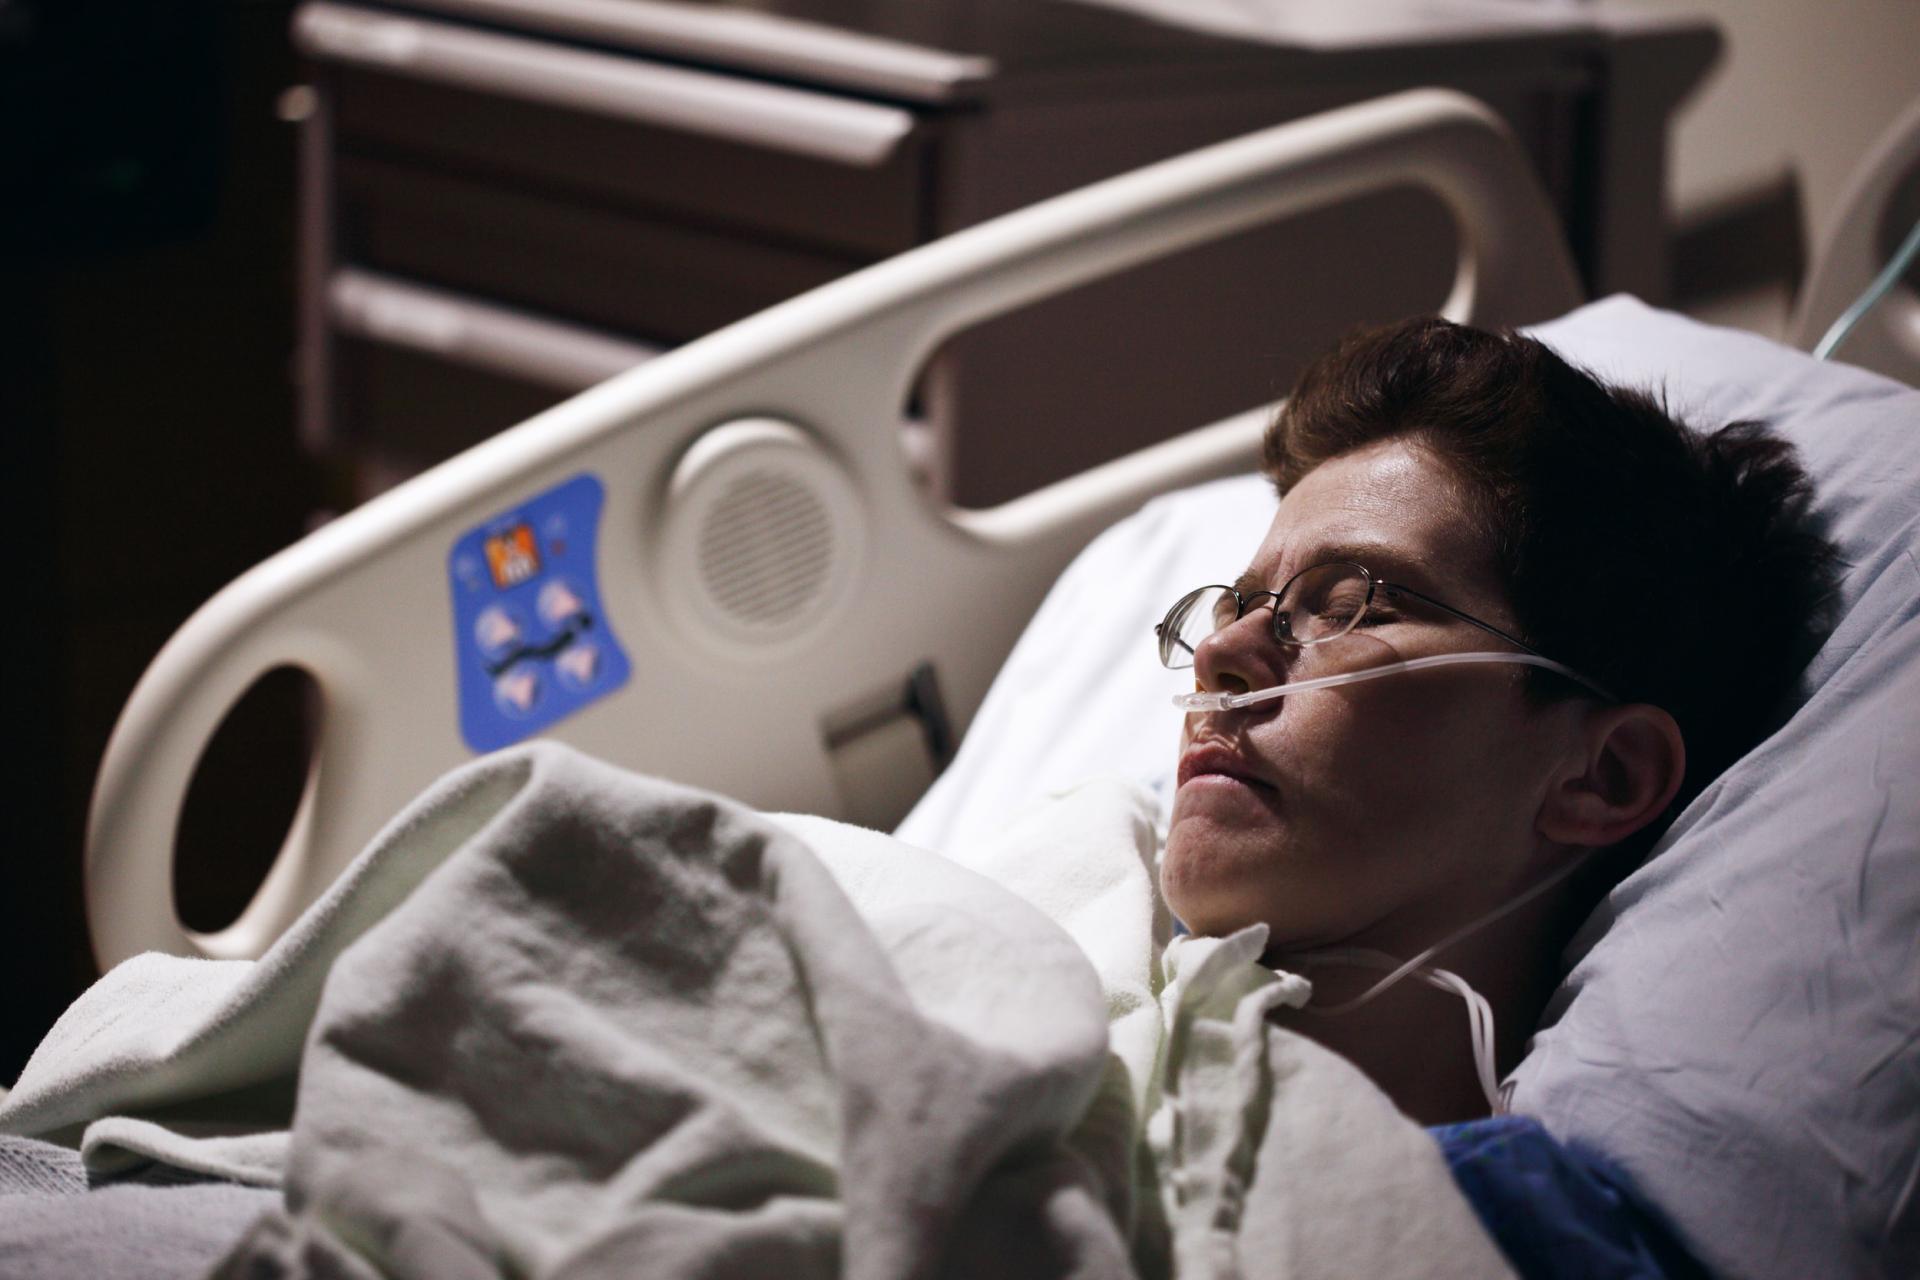 Чи вистачить українцям медичного кисню? VoxCheck пояснює